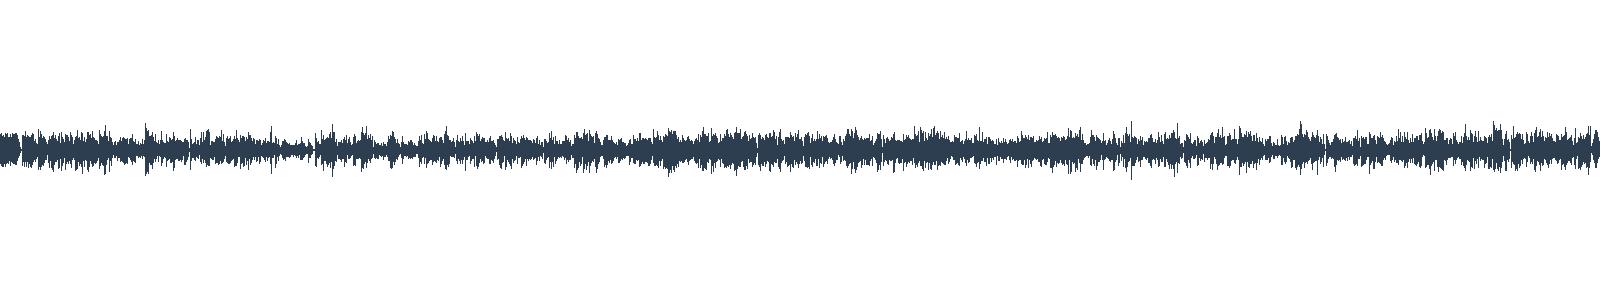 Průvodčí s naraženou kyčlí a turbanem na hlavě waveform